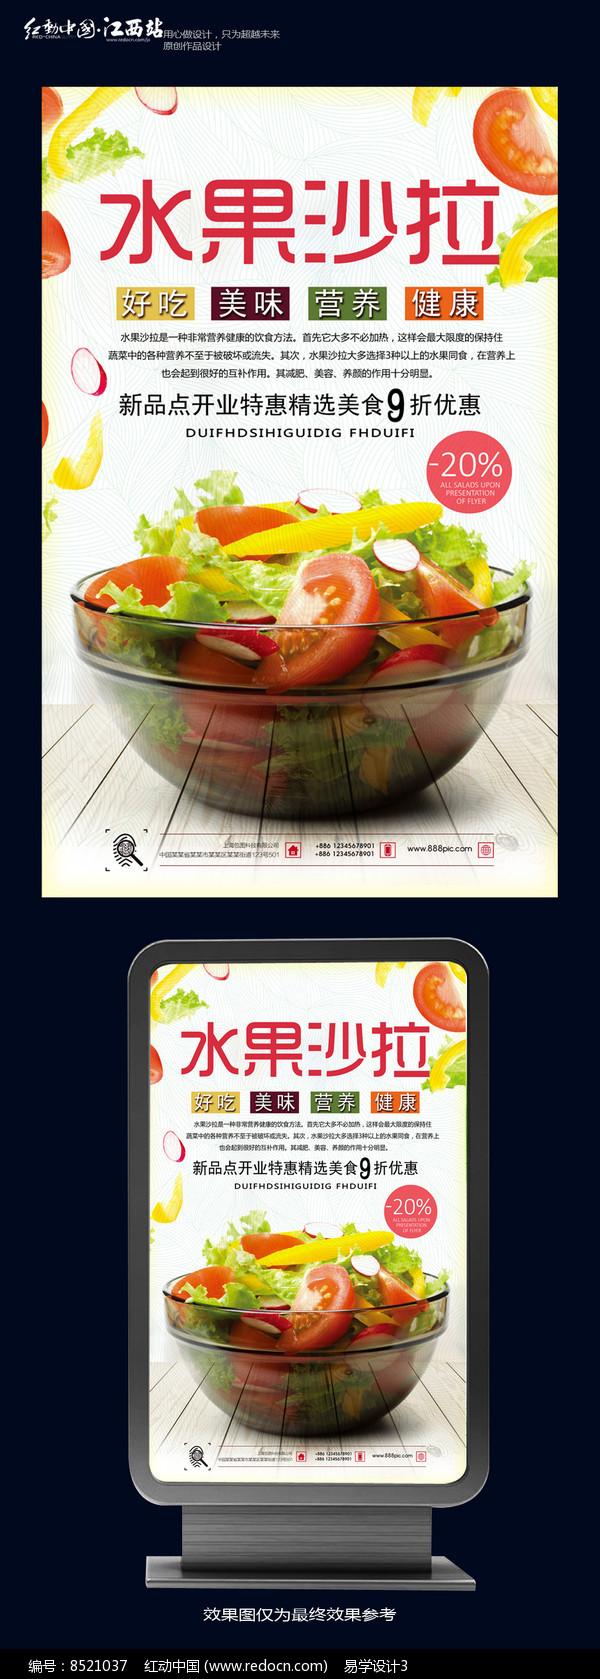 简约水果沙拉海报设计图片